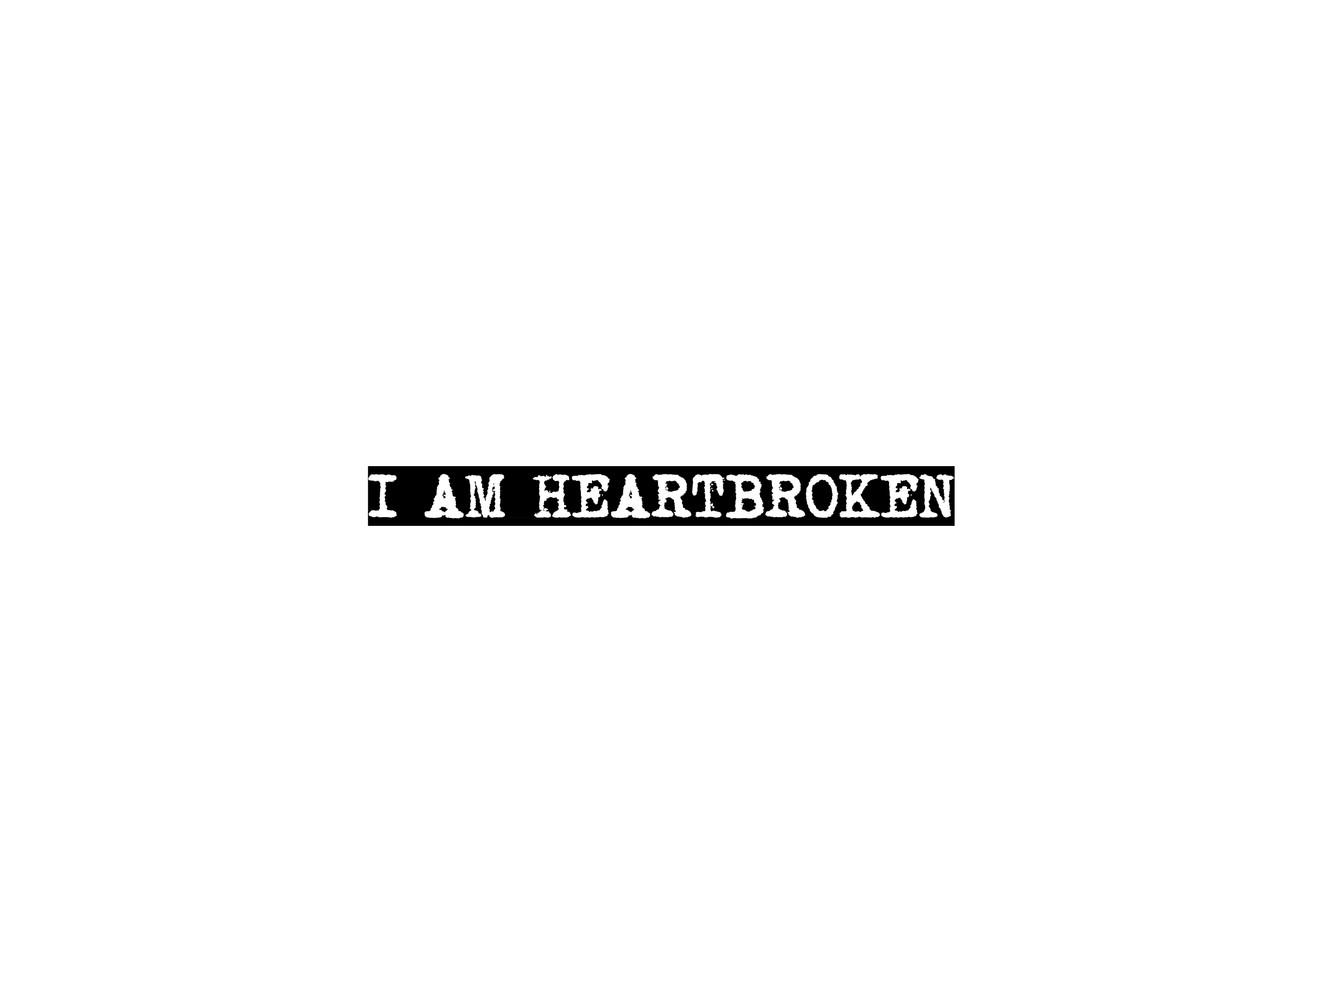 I AM HEARTBROKEN.jpg